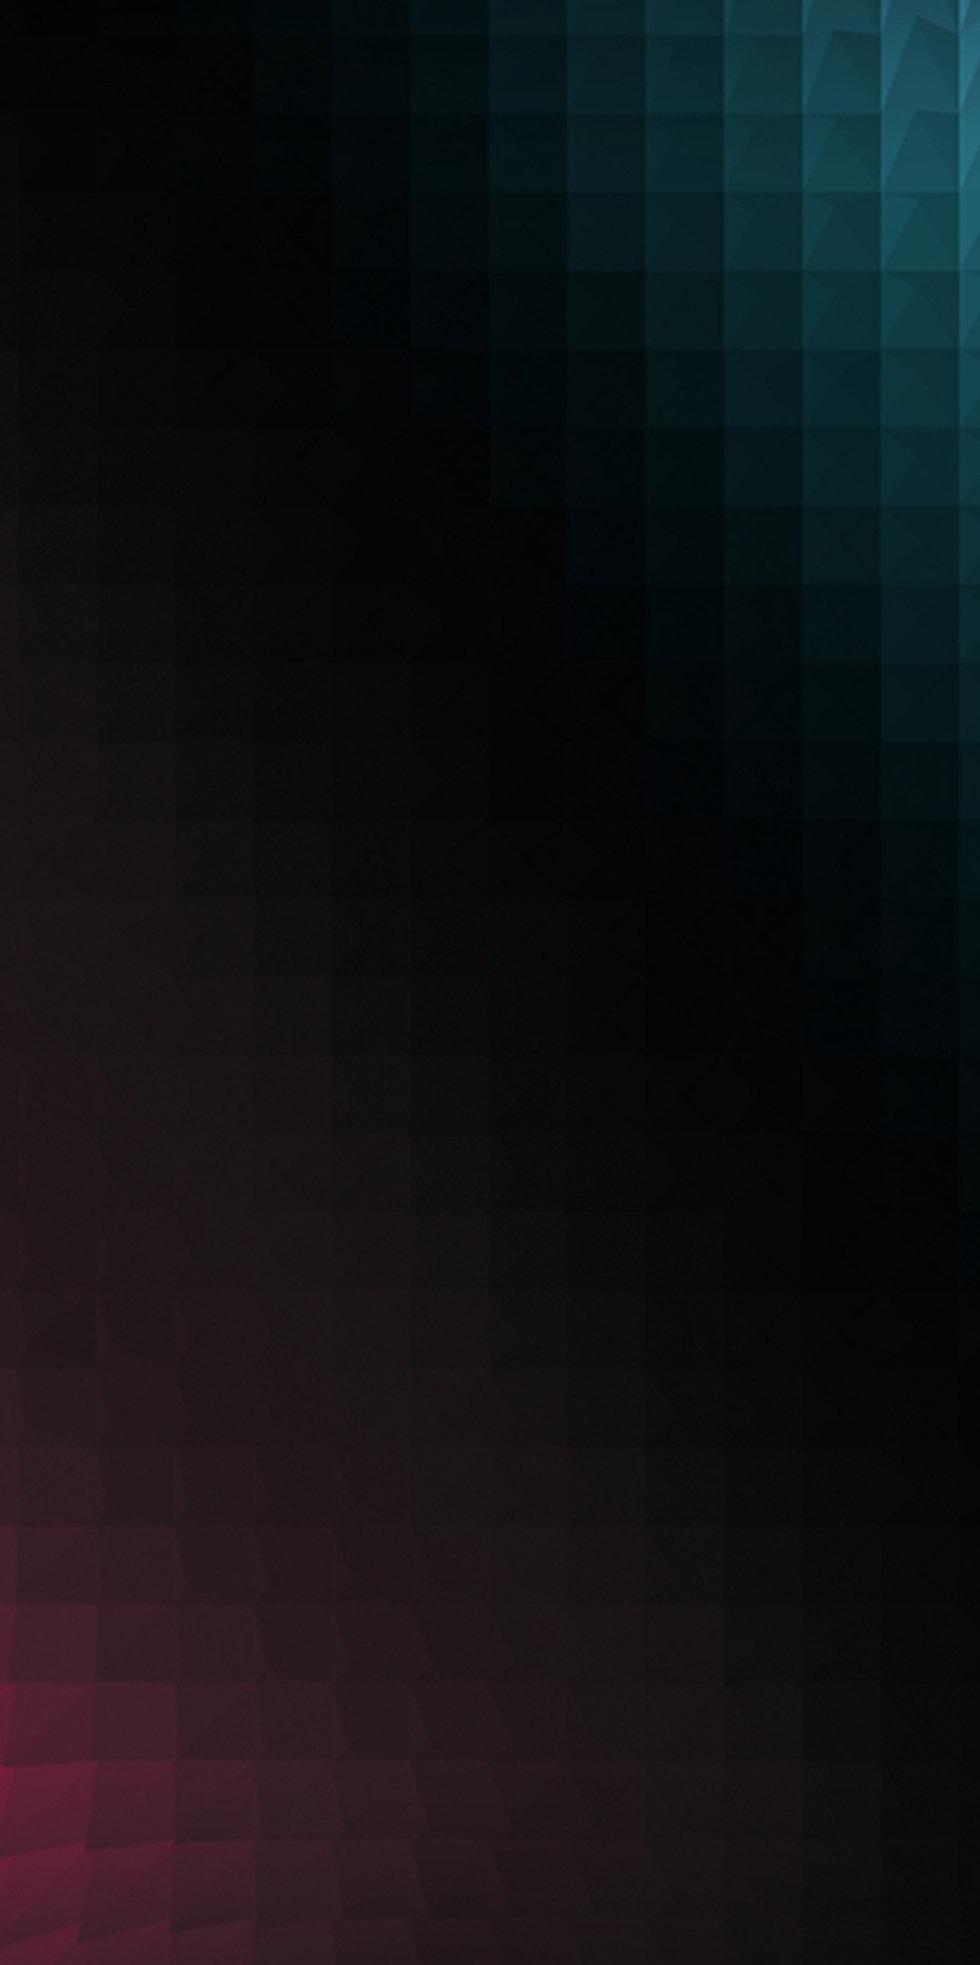 pyramid-gradient-light-flares-4k-sh.jpg